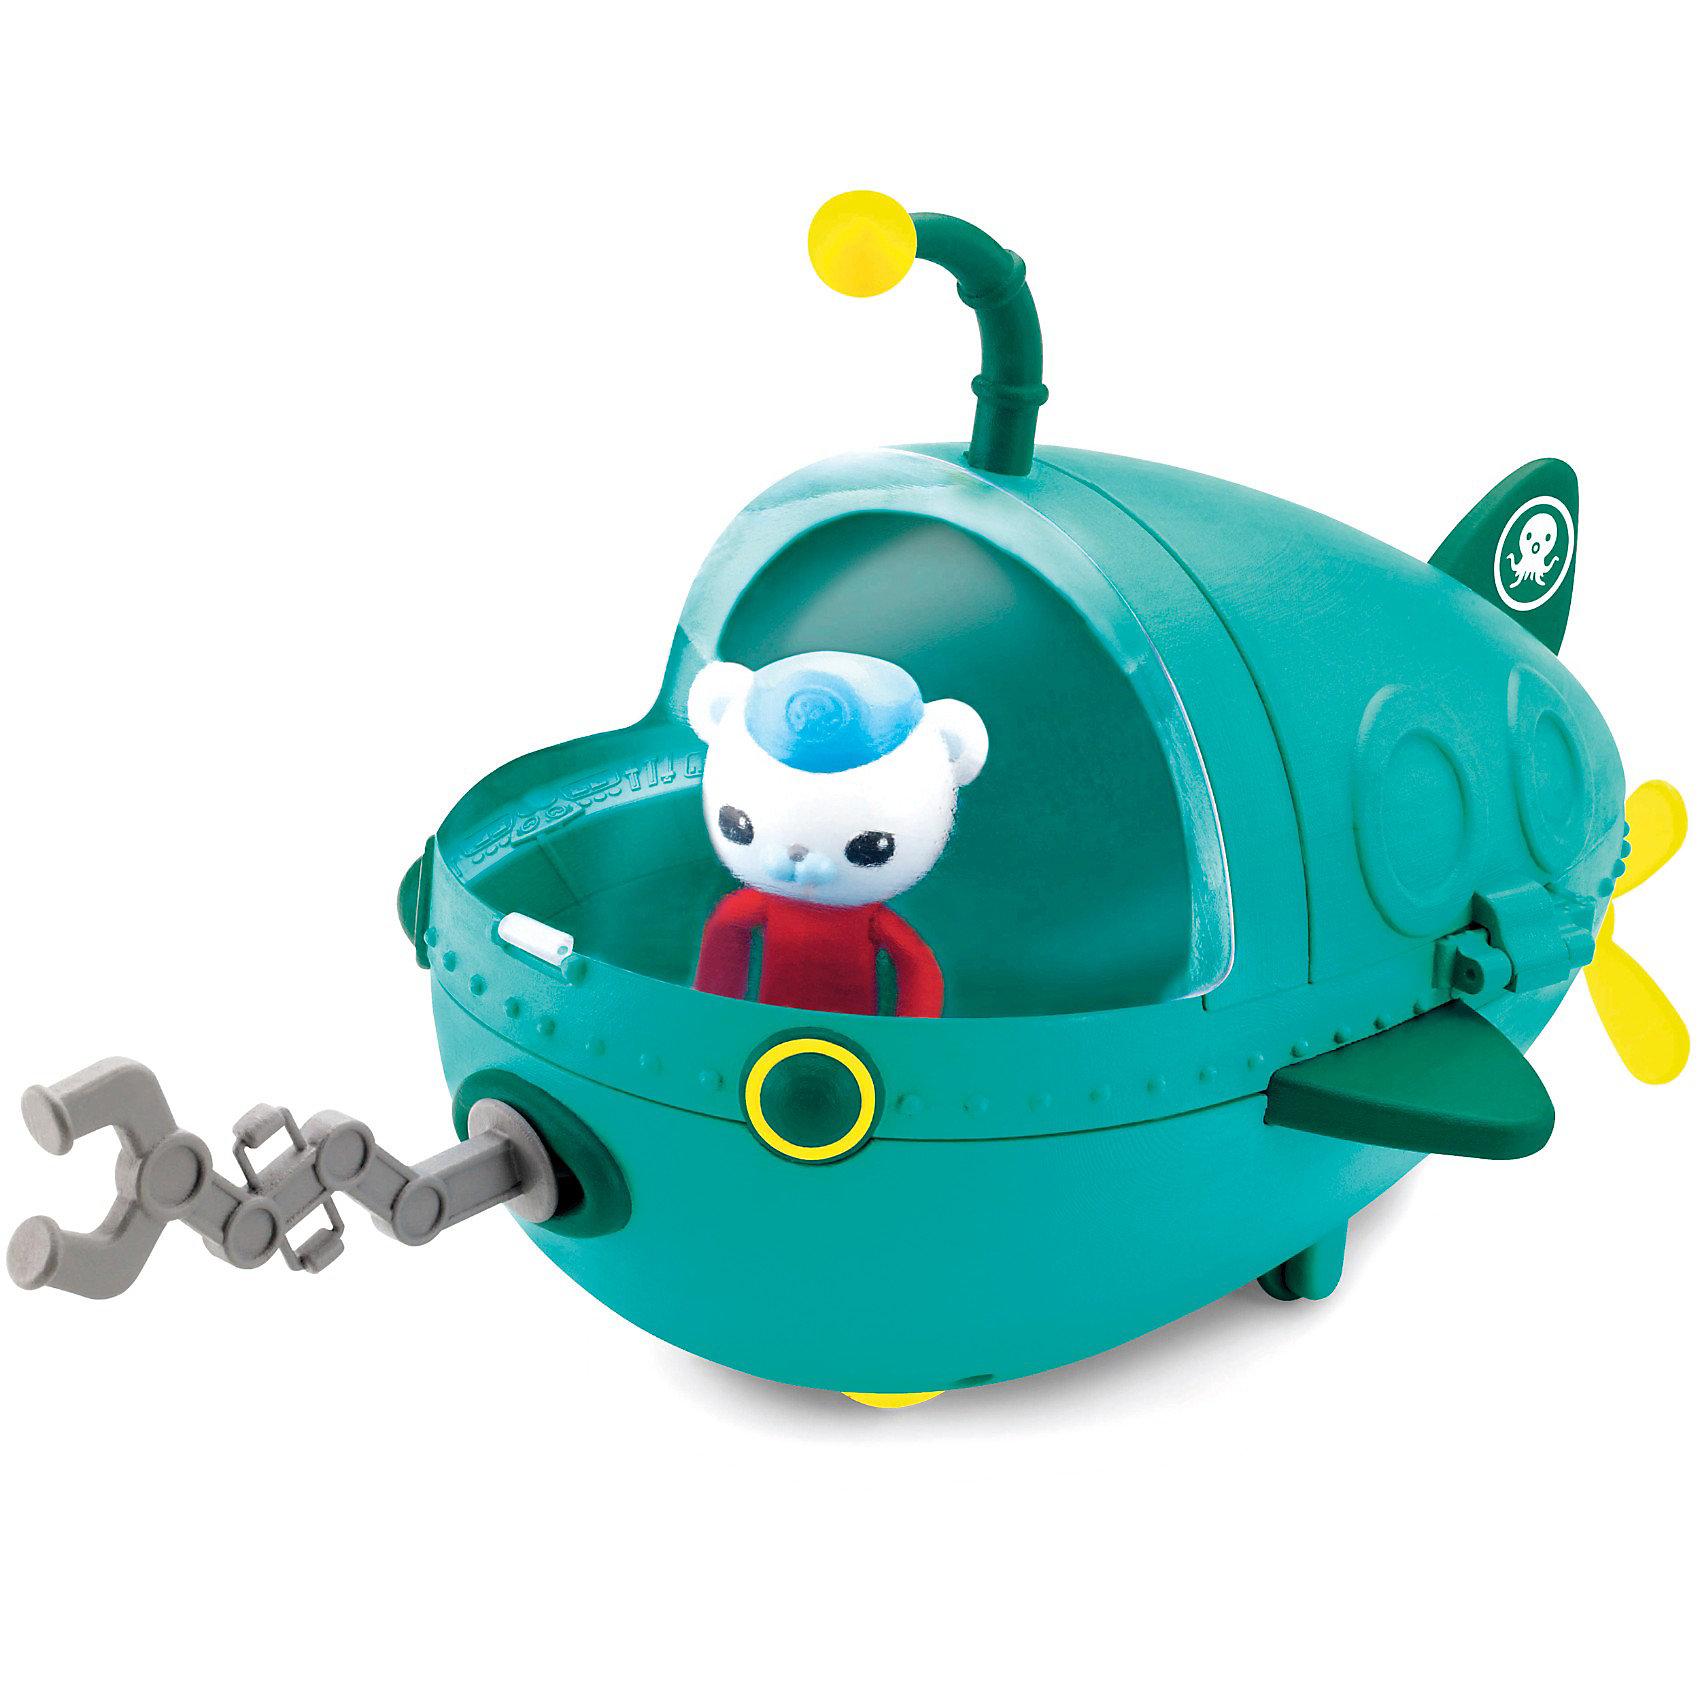 Mattel Подводная лодка, Октонавты, Fisher Price mattel базовая фигурка октонавты fisher price